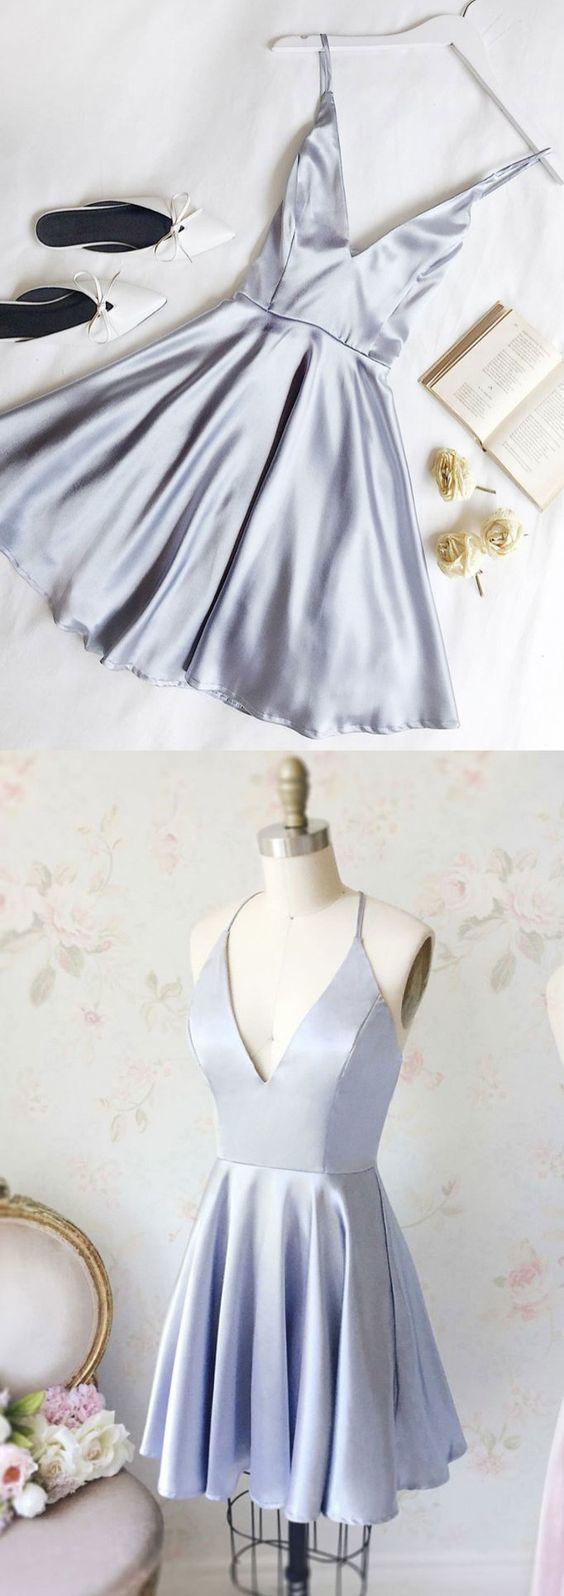 Schicke A-Linie, V-Ausschnitt, Homecoming-Kleider, kurzes Ballkleid, schlichte Homecoming-Kleider